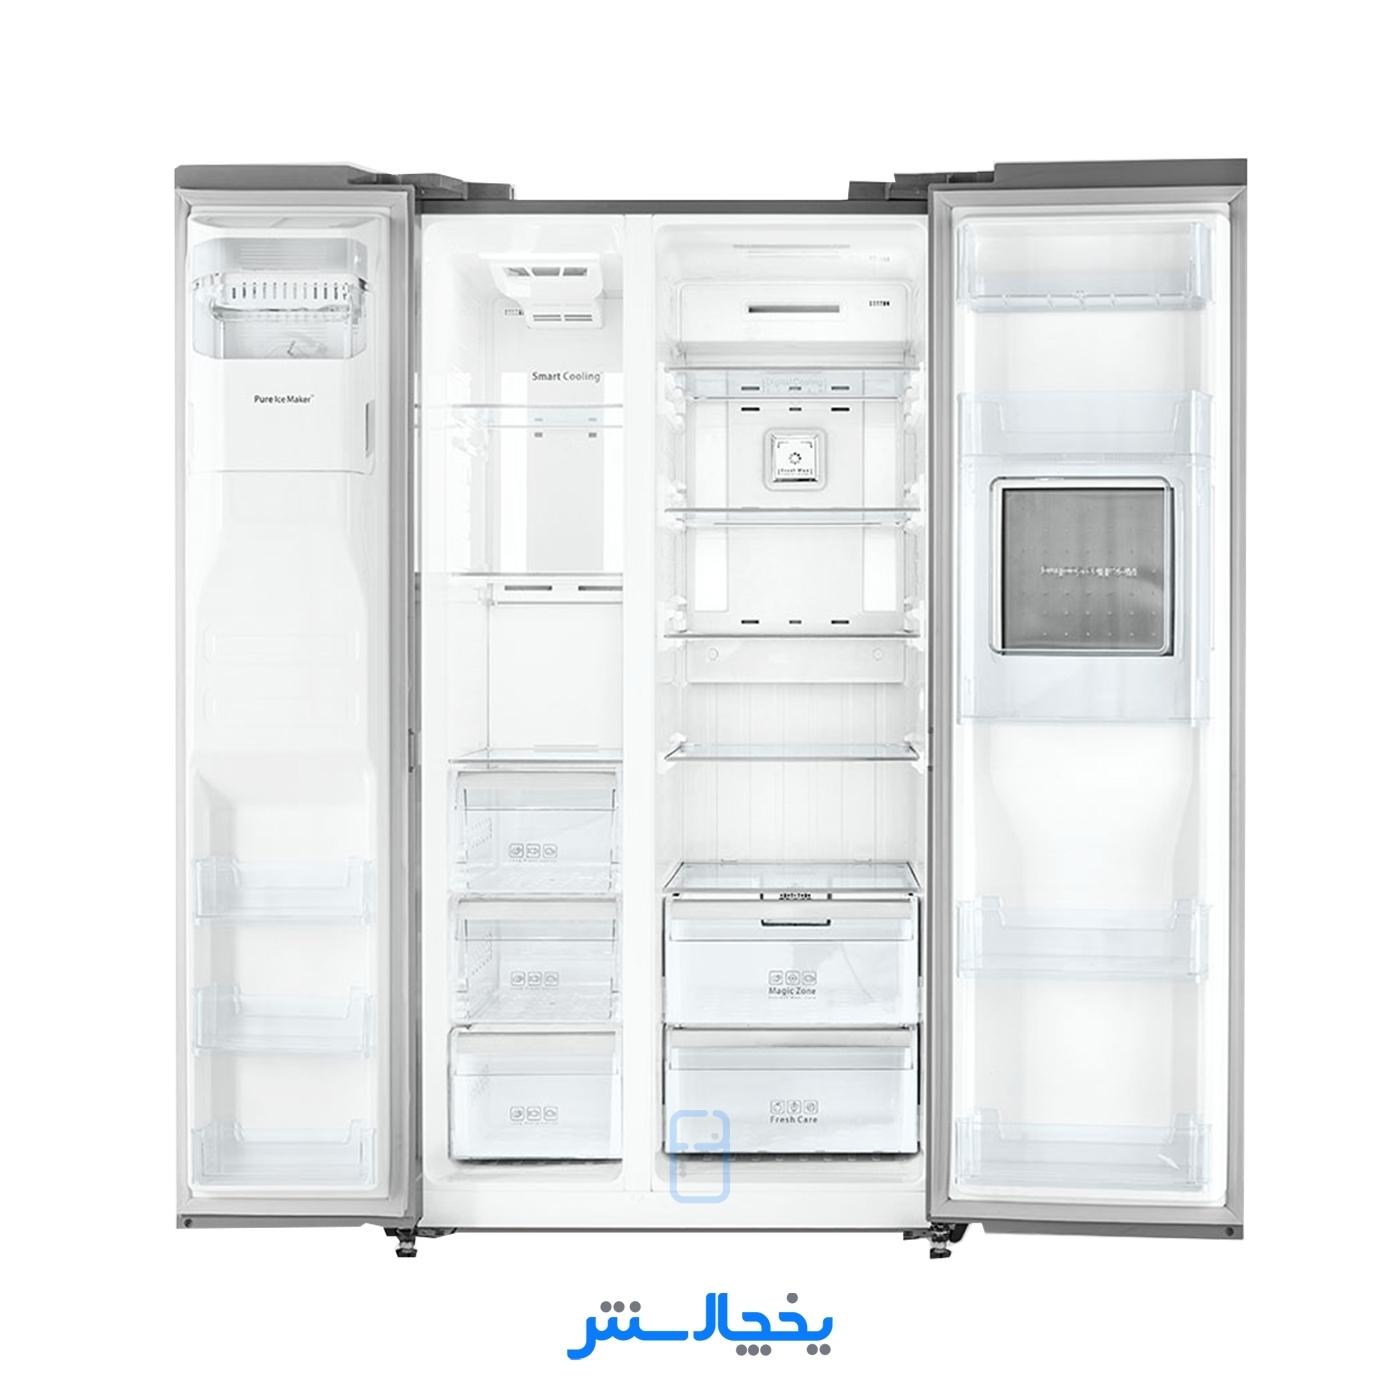 یخچال فریزر ساید بای ساید دوو مدل پرایم D2S-1033MW سفید متالیک